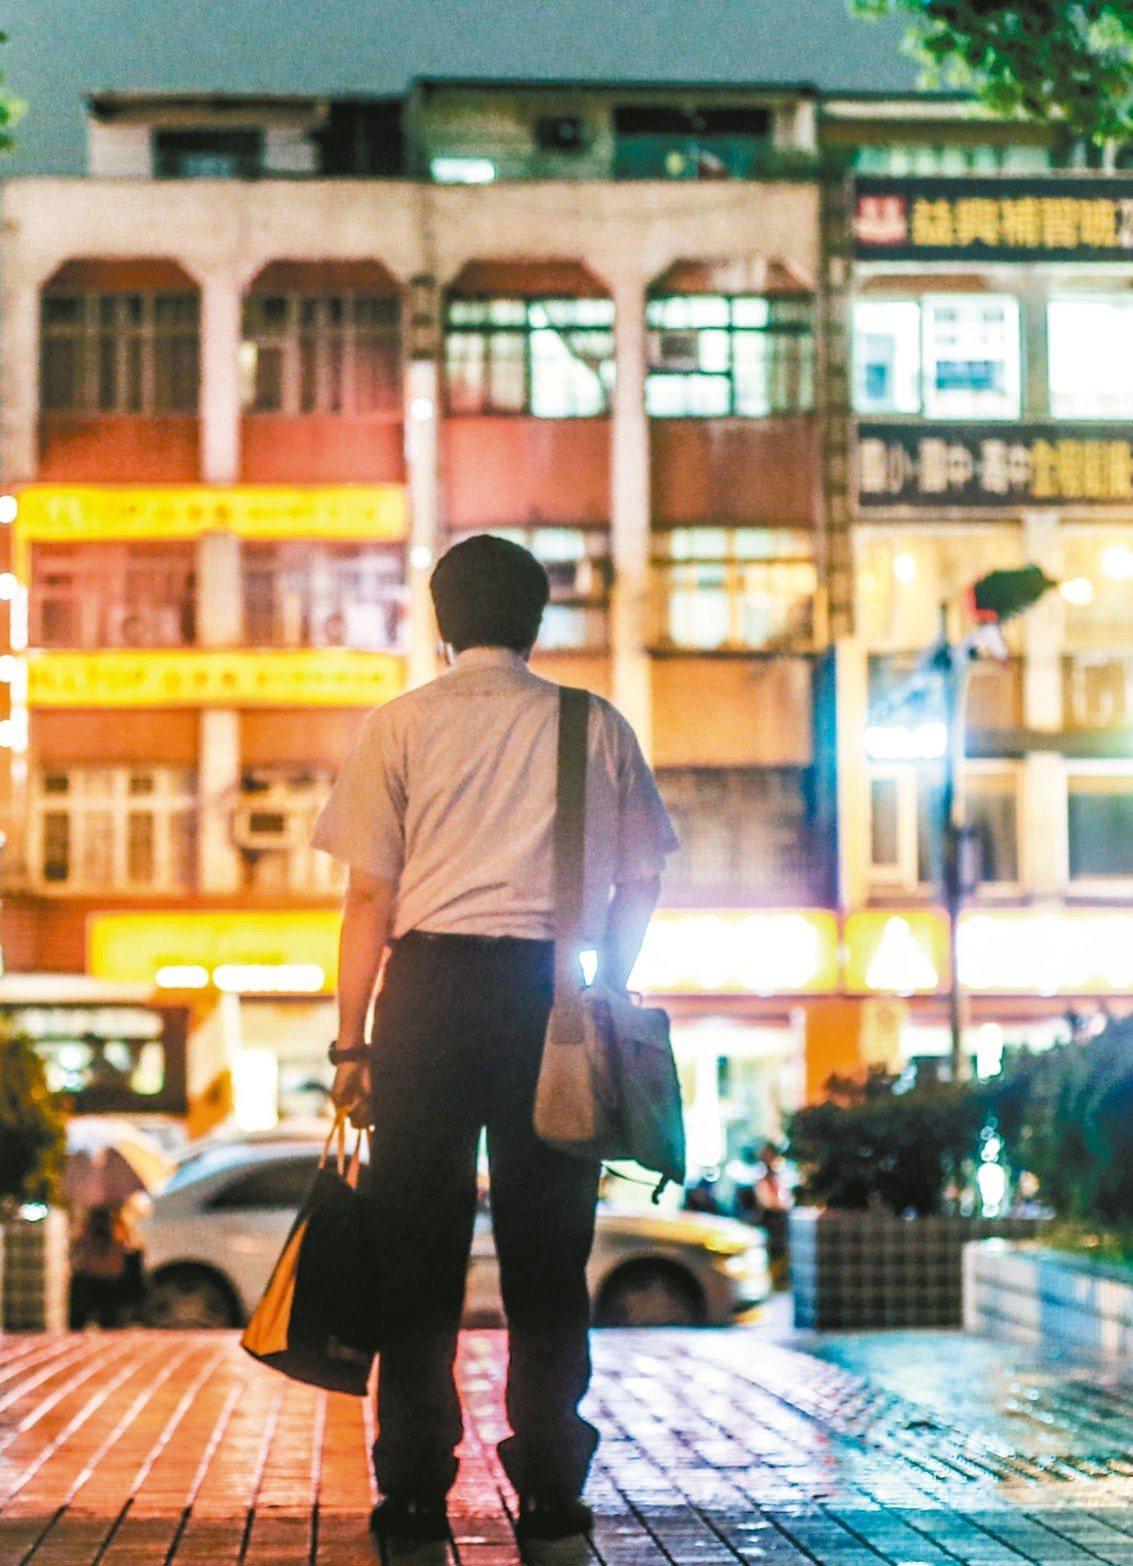 勞動部修正發布「事業單位勞工值日(夜)應行注意事項」,2020年起勞工只要值日夜...